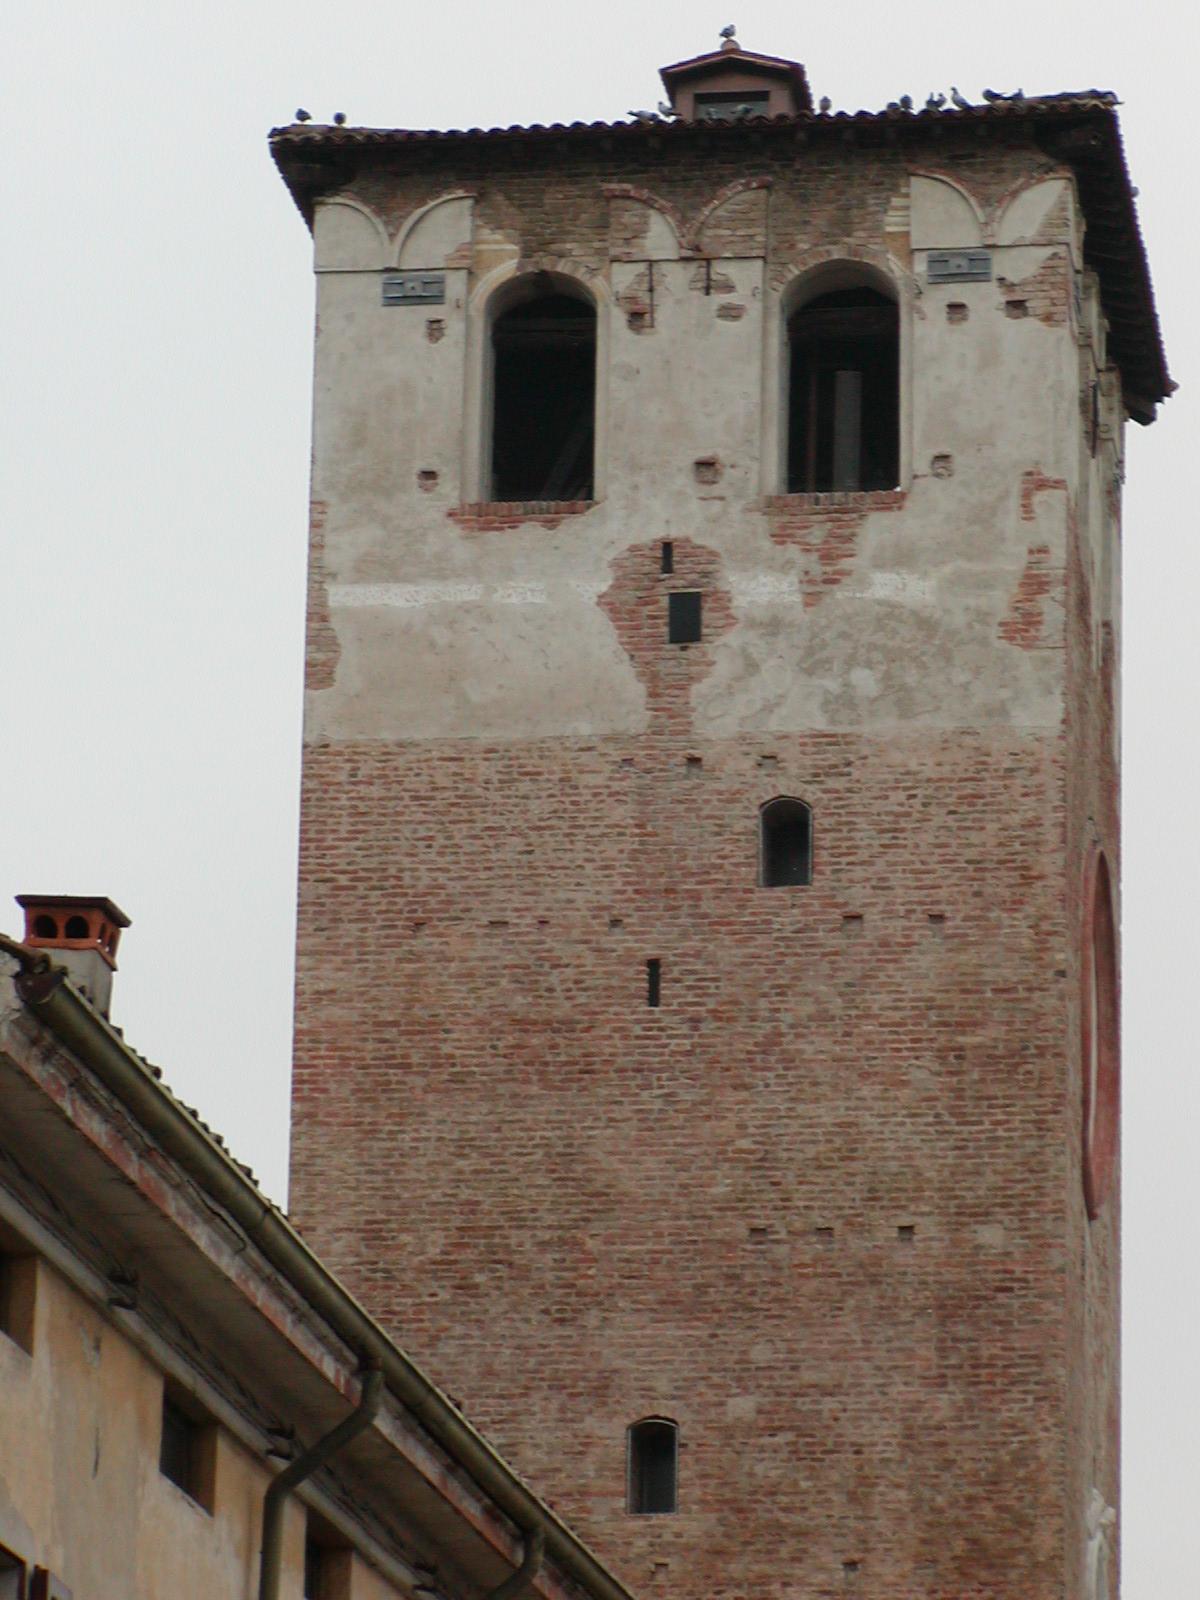 Studio-di-architettura-Baisotti-Sigala-prgetti178